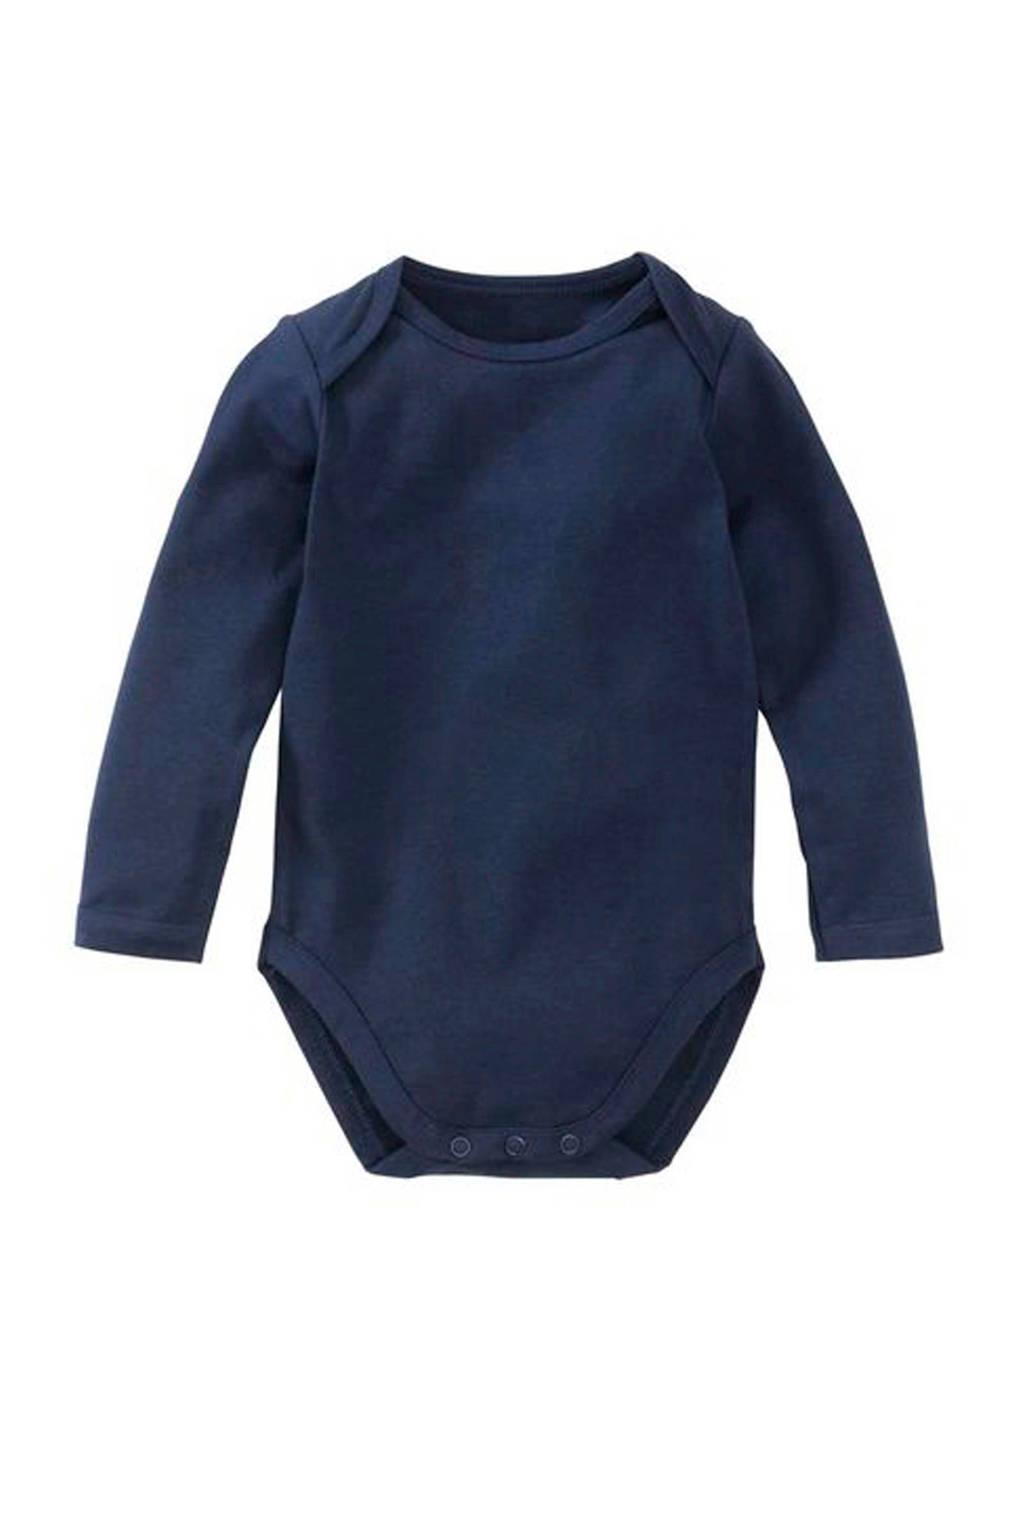 HEMA newborn baby romper, Donkerblauw, Lang